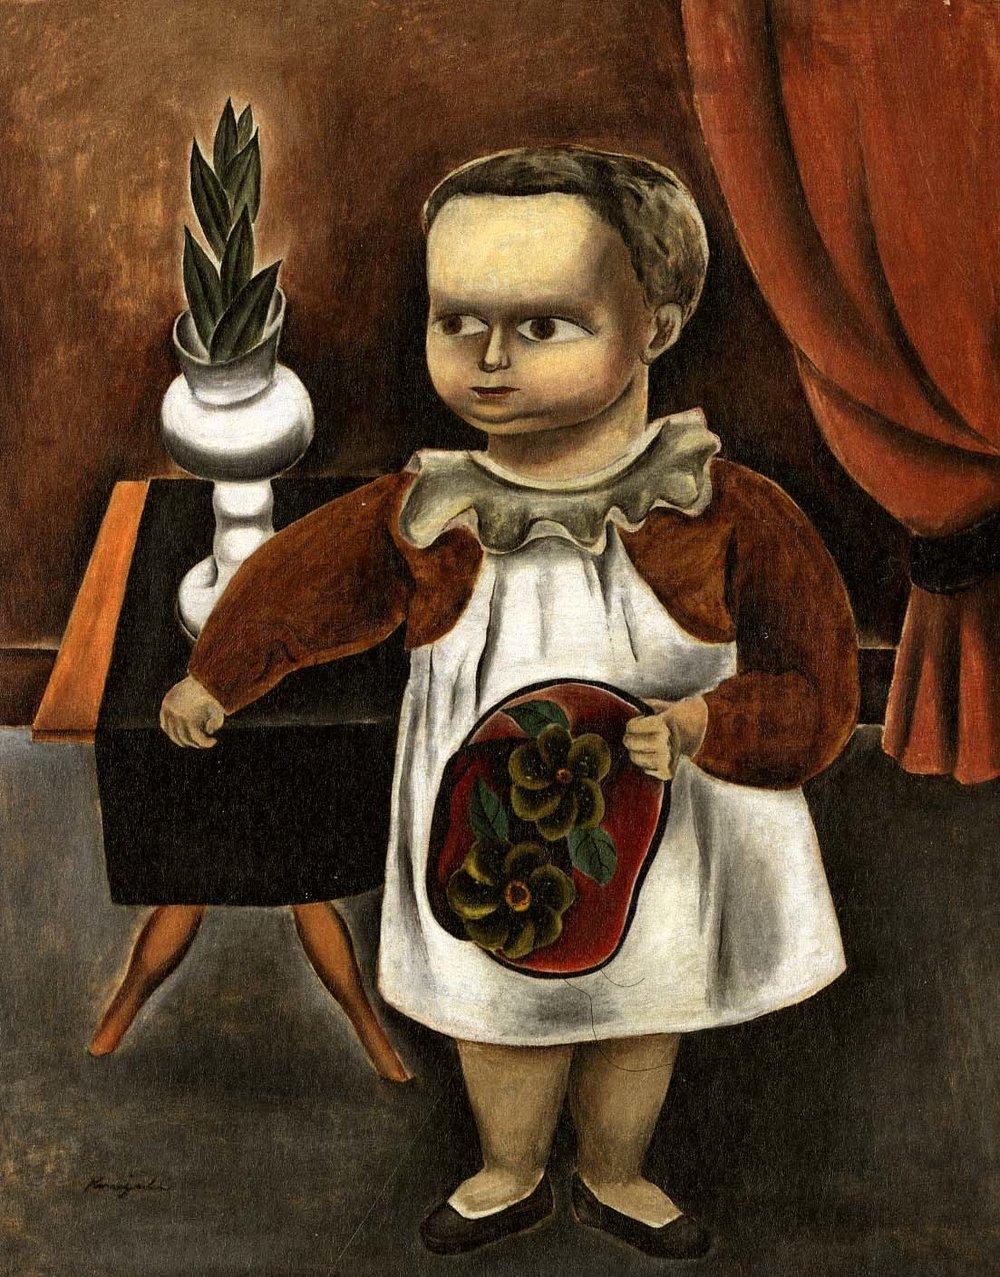 Child, 1923